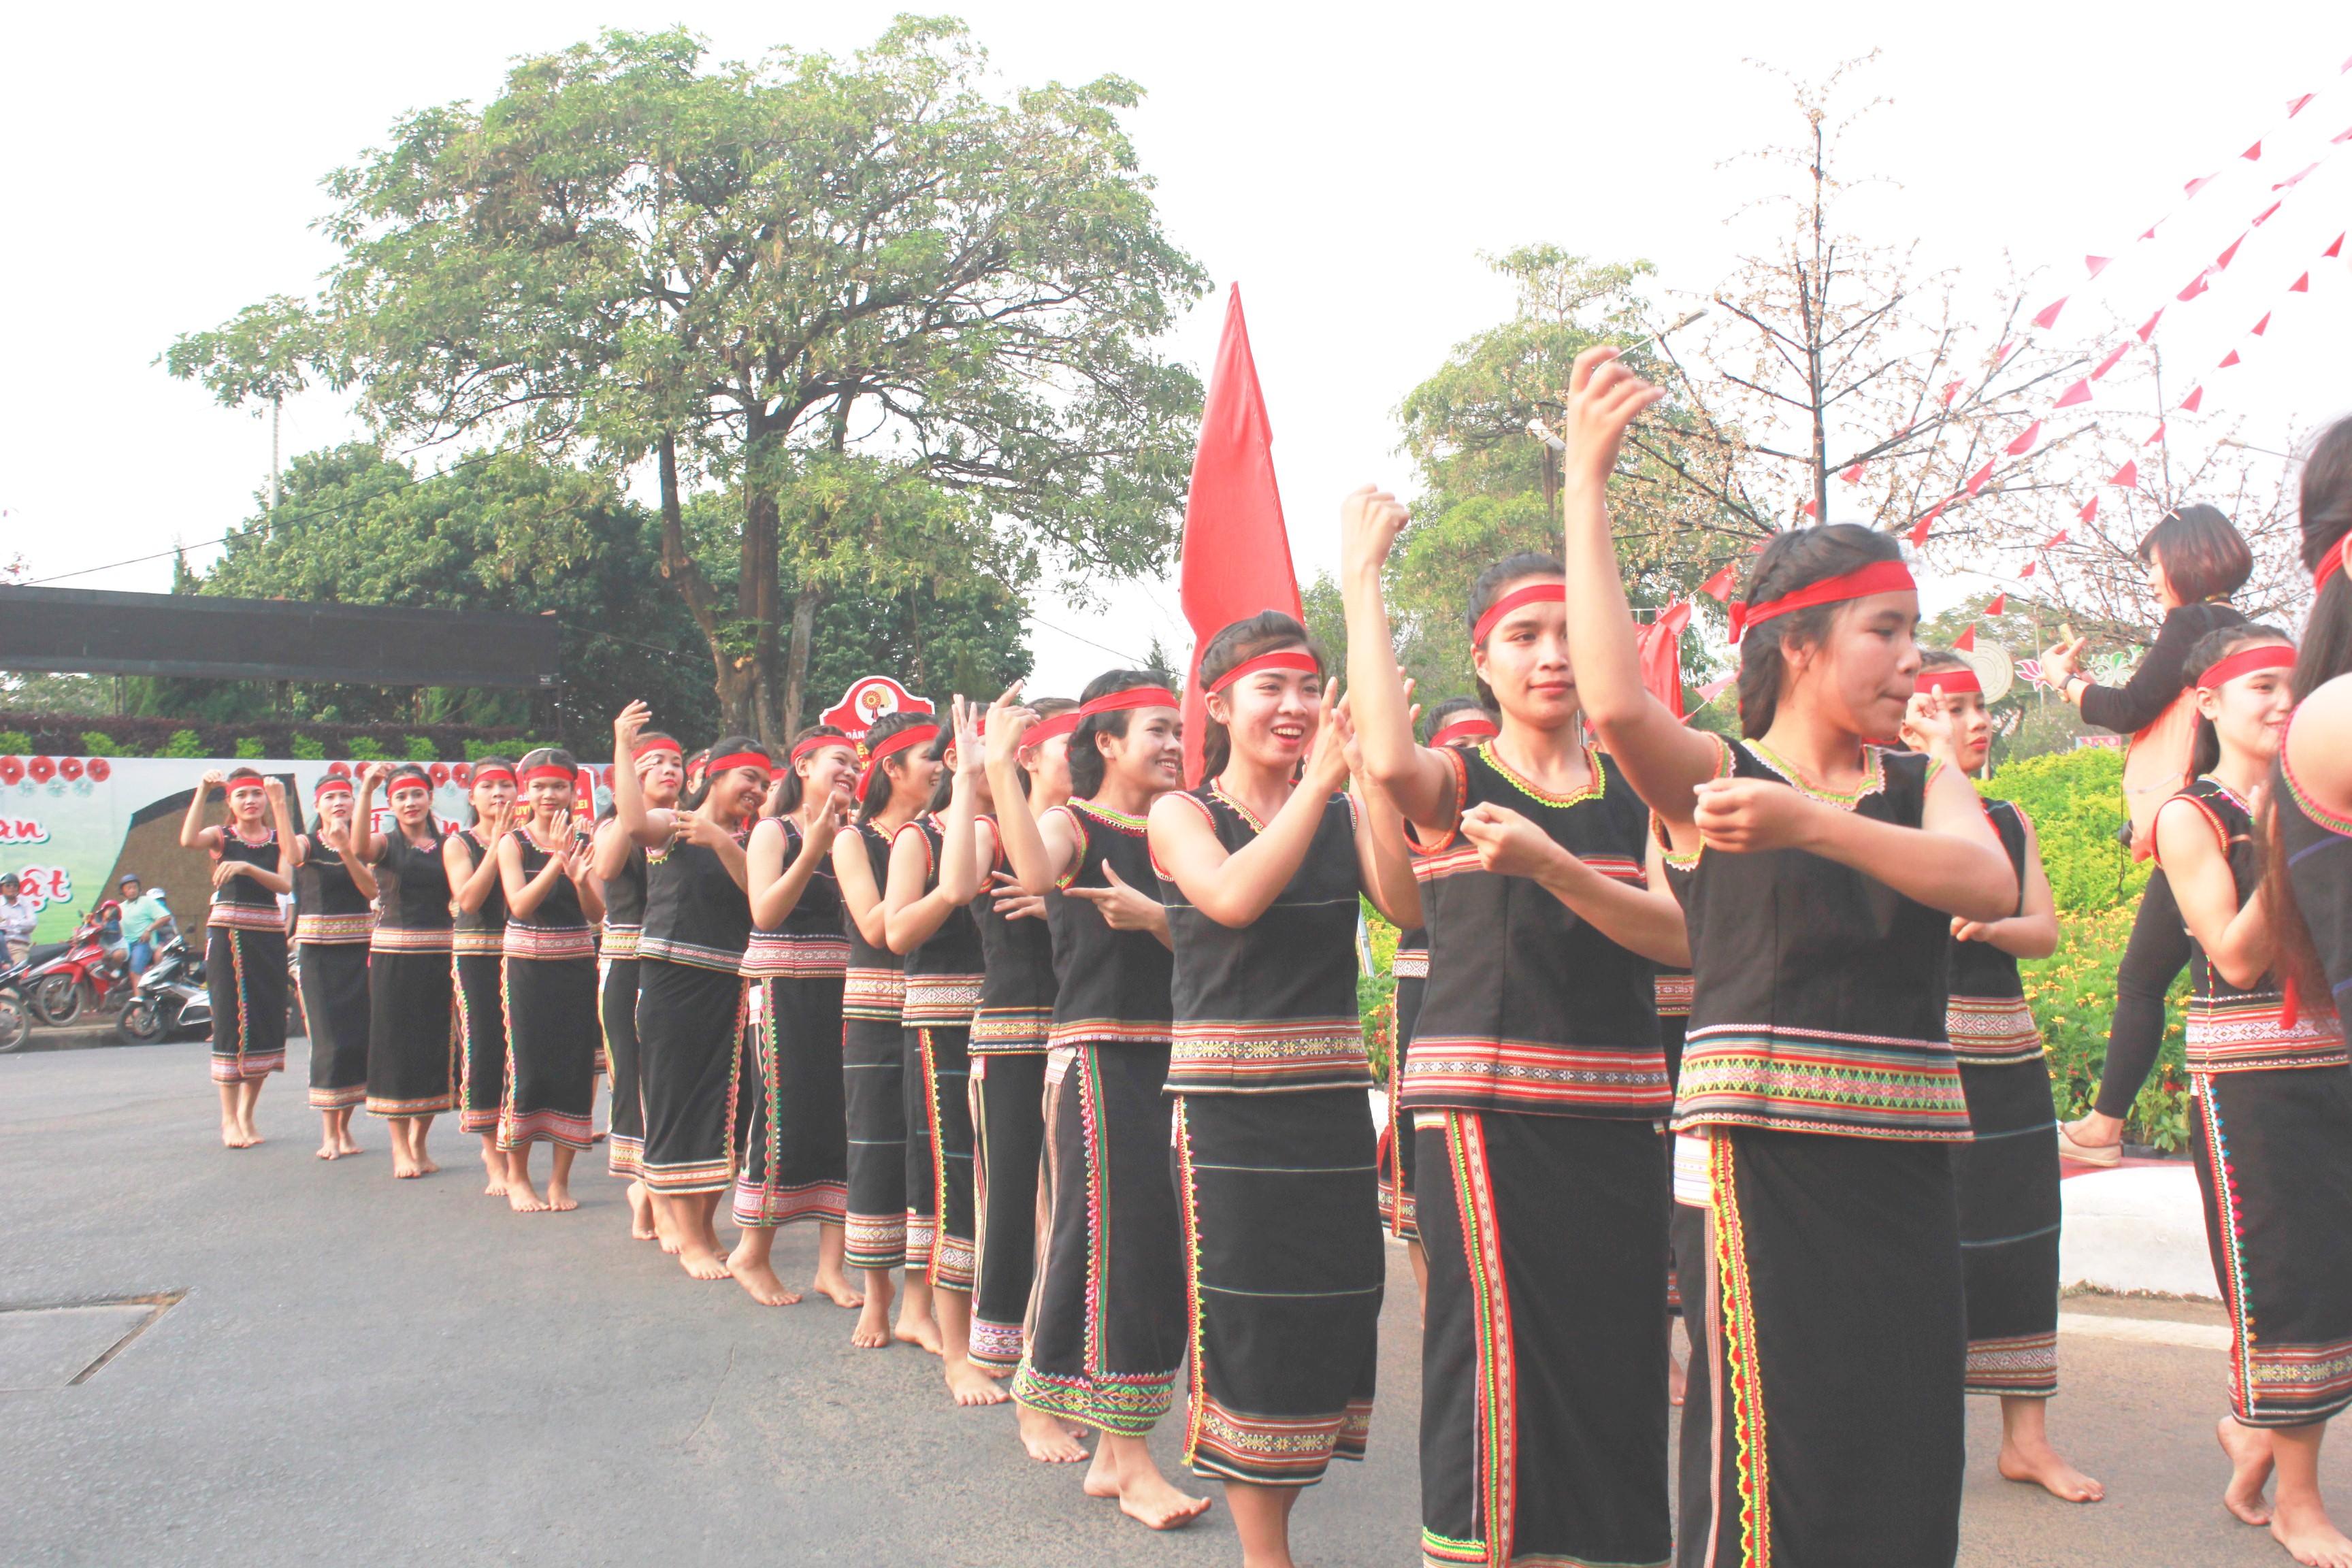 Kon Tum đăng cai tổ chức Ngày hội Văn hóa Thể thao và Du lịch vùng Tây Nguyên lần thứ I-2021